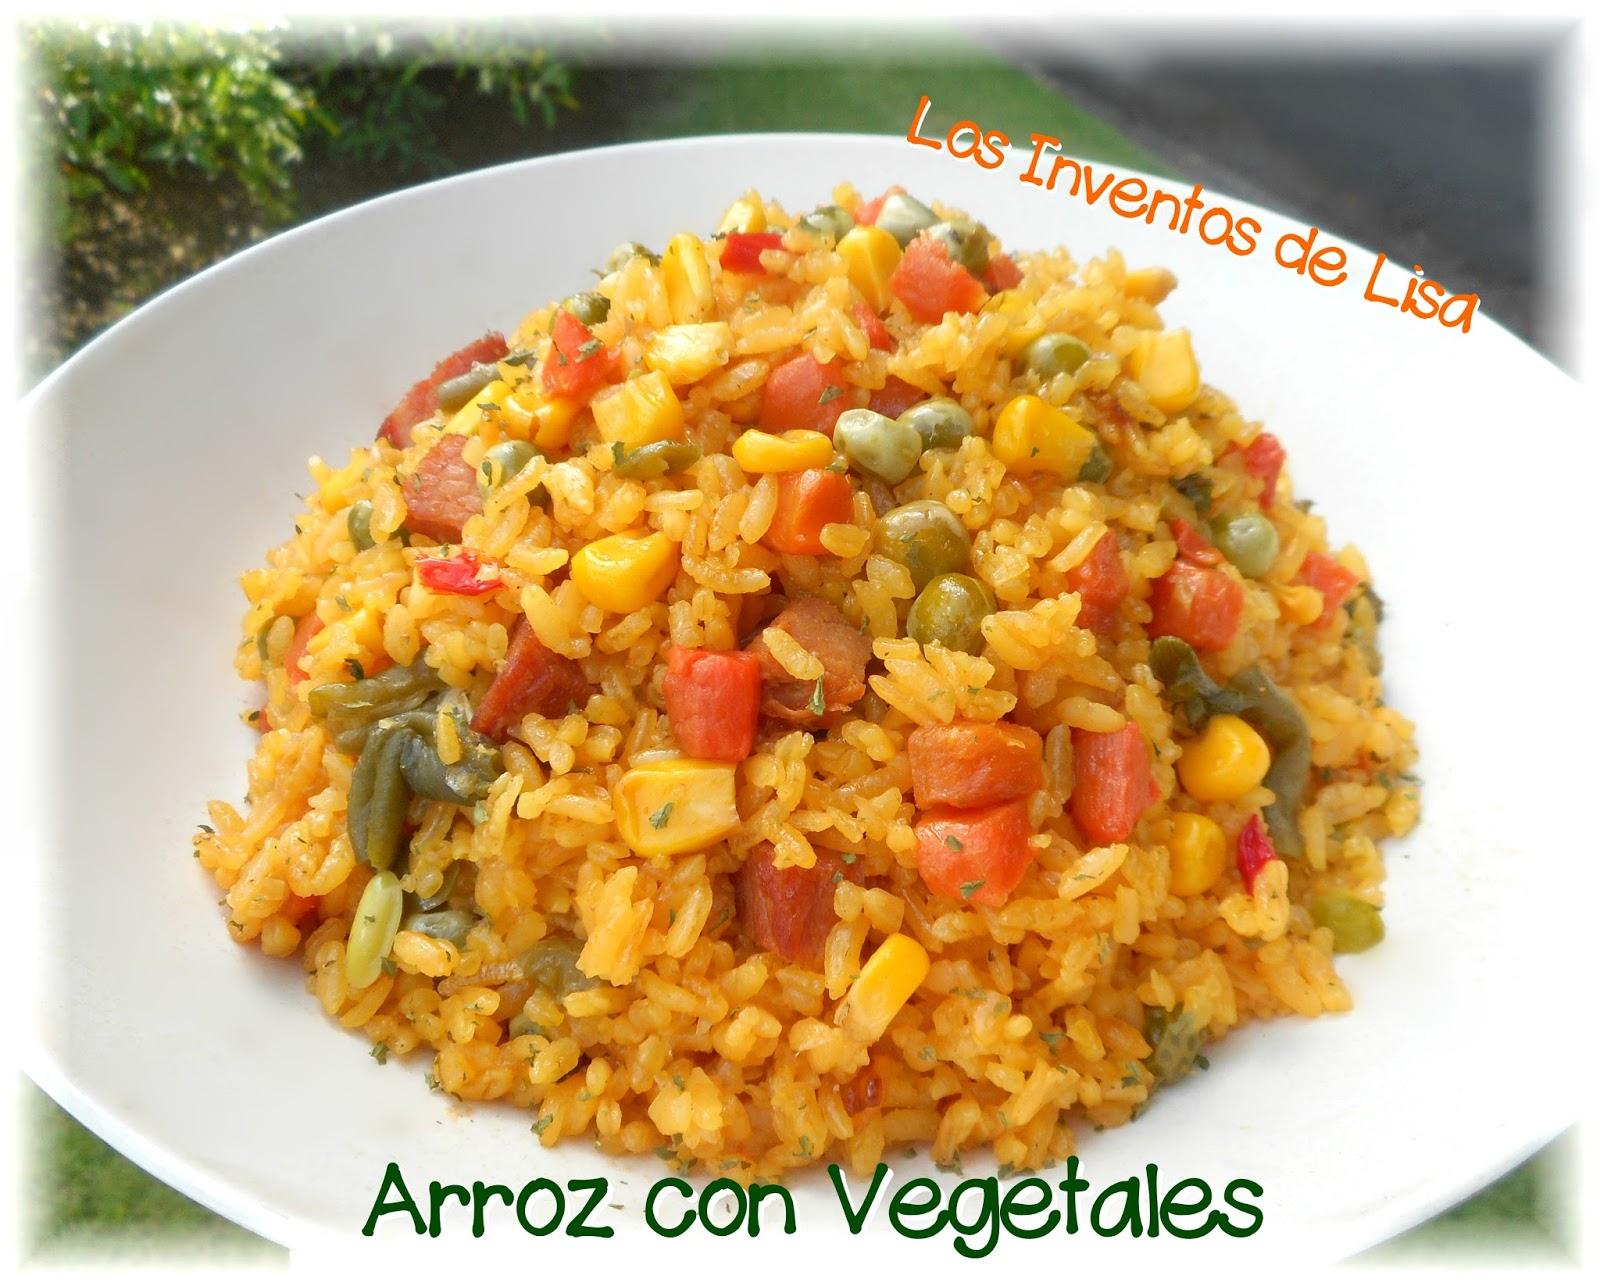 Los inventos de lisa arroz con vegetales for Cocinar 2 tazas de arroz